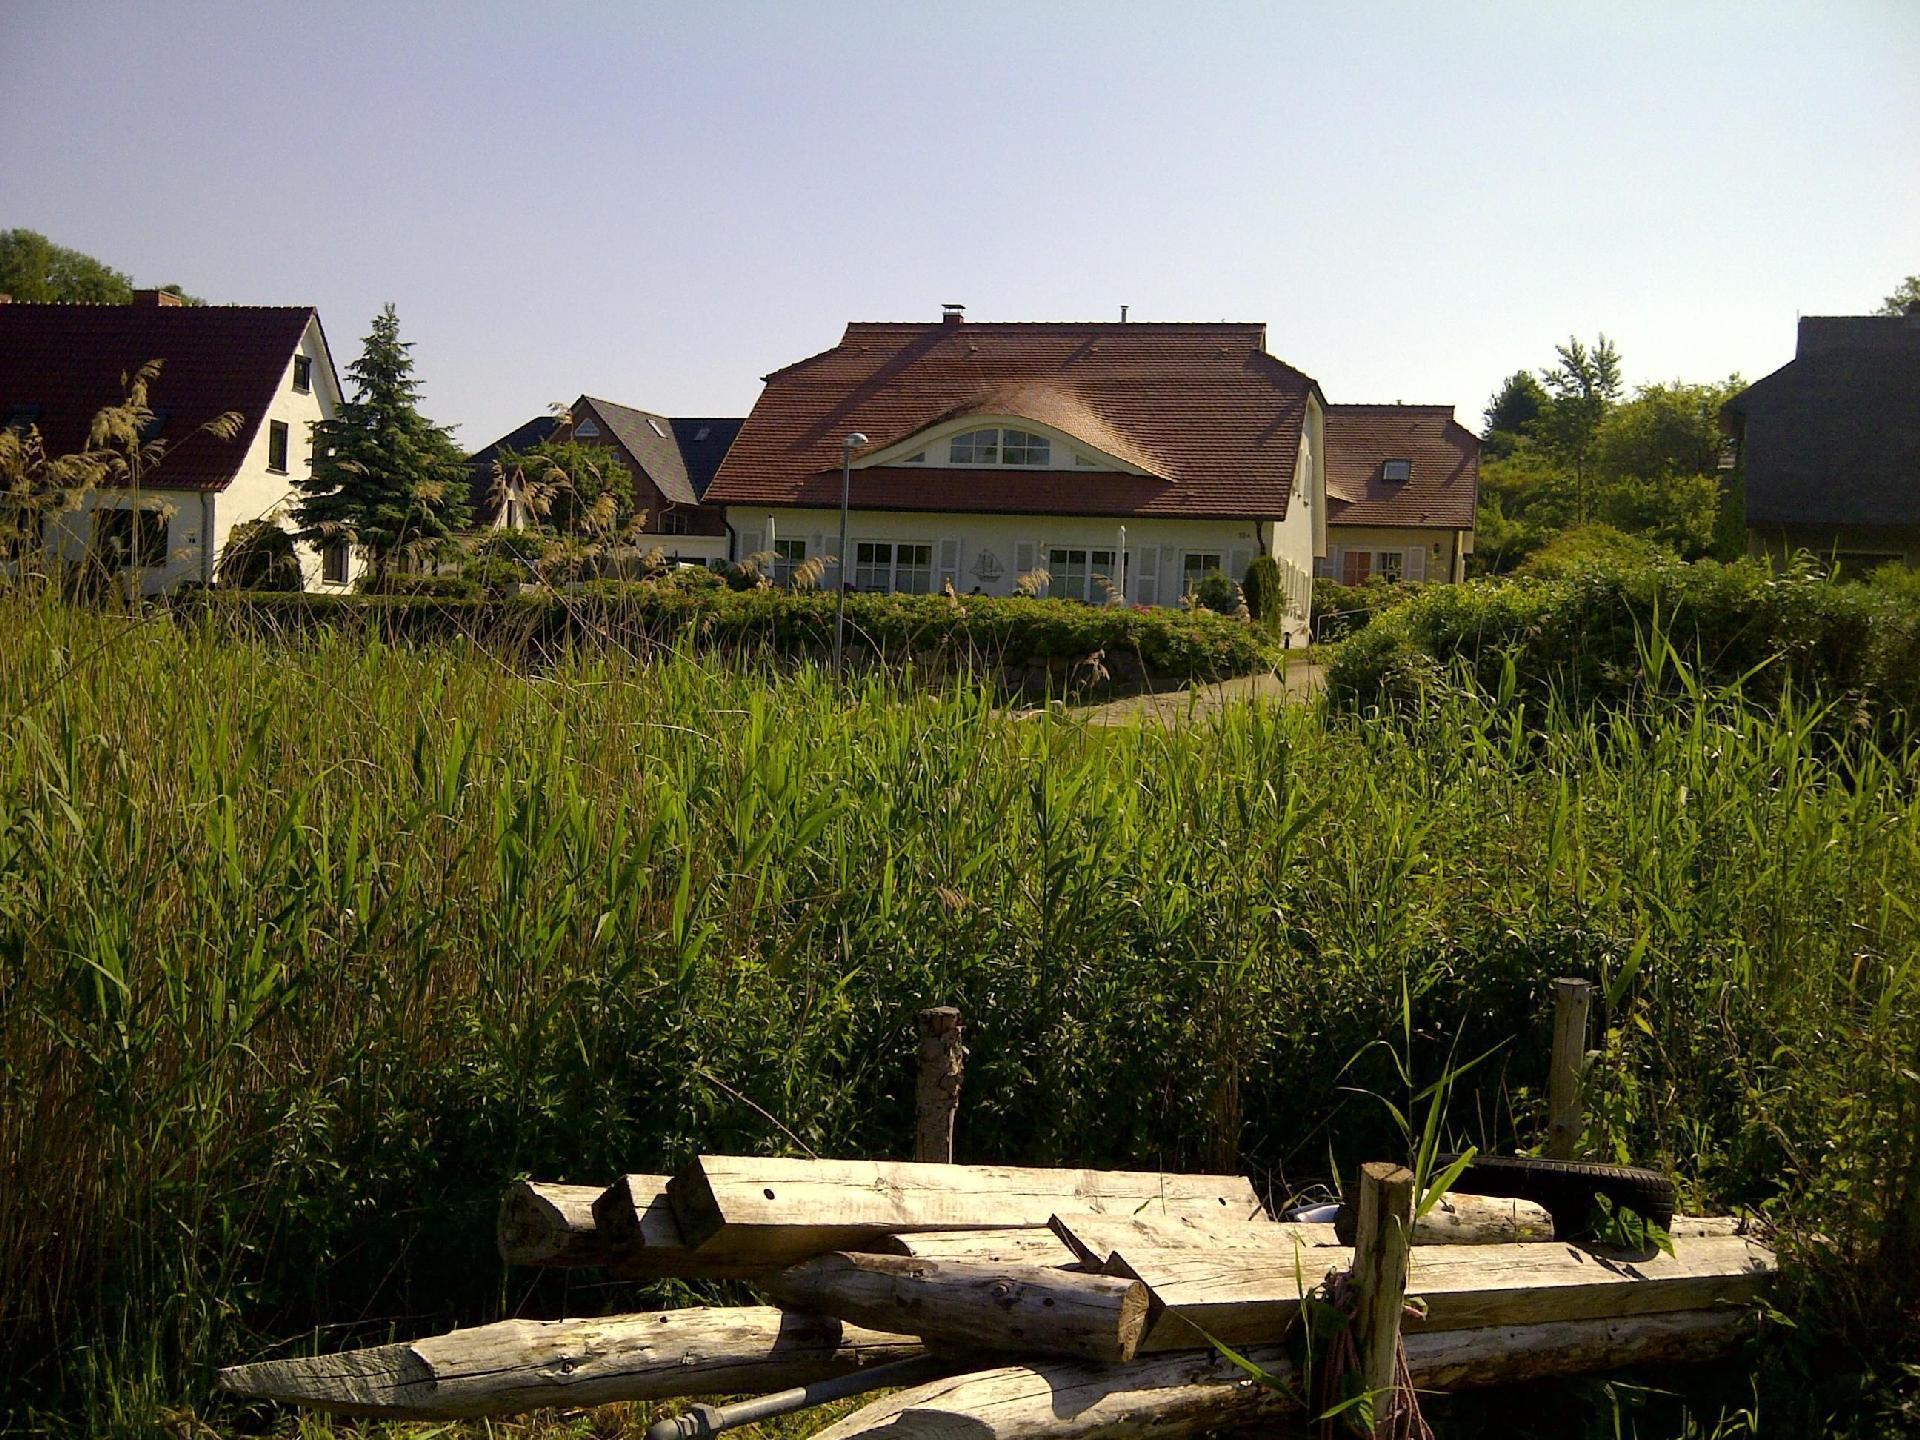 Ferienhaus in ruhiger Lage, mit großer Terra